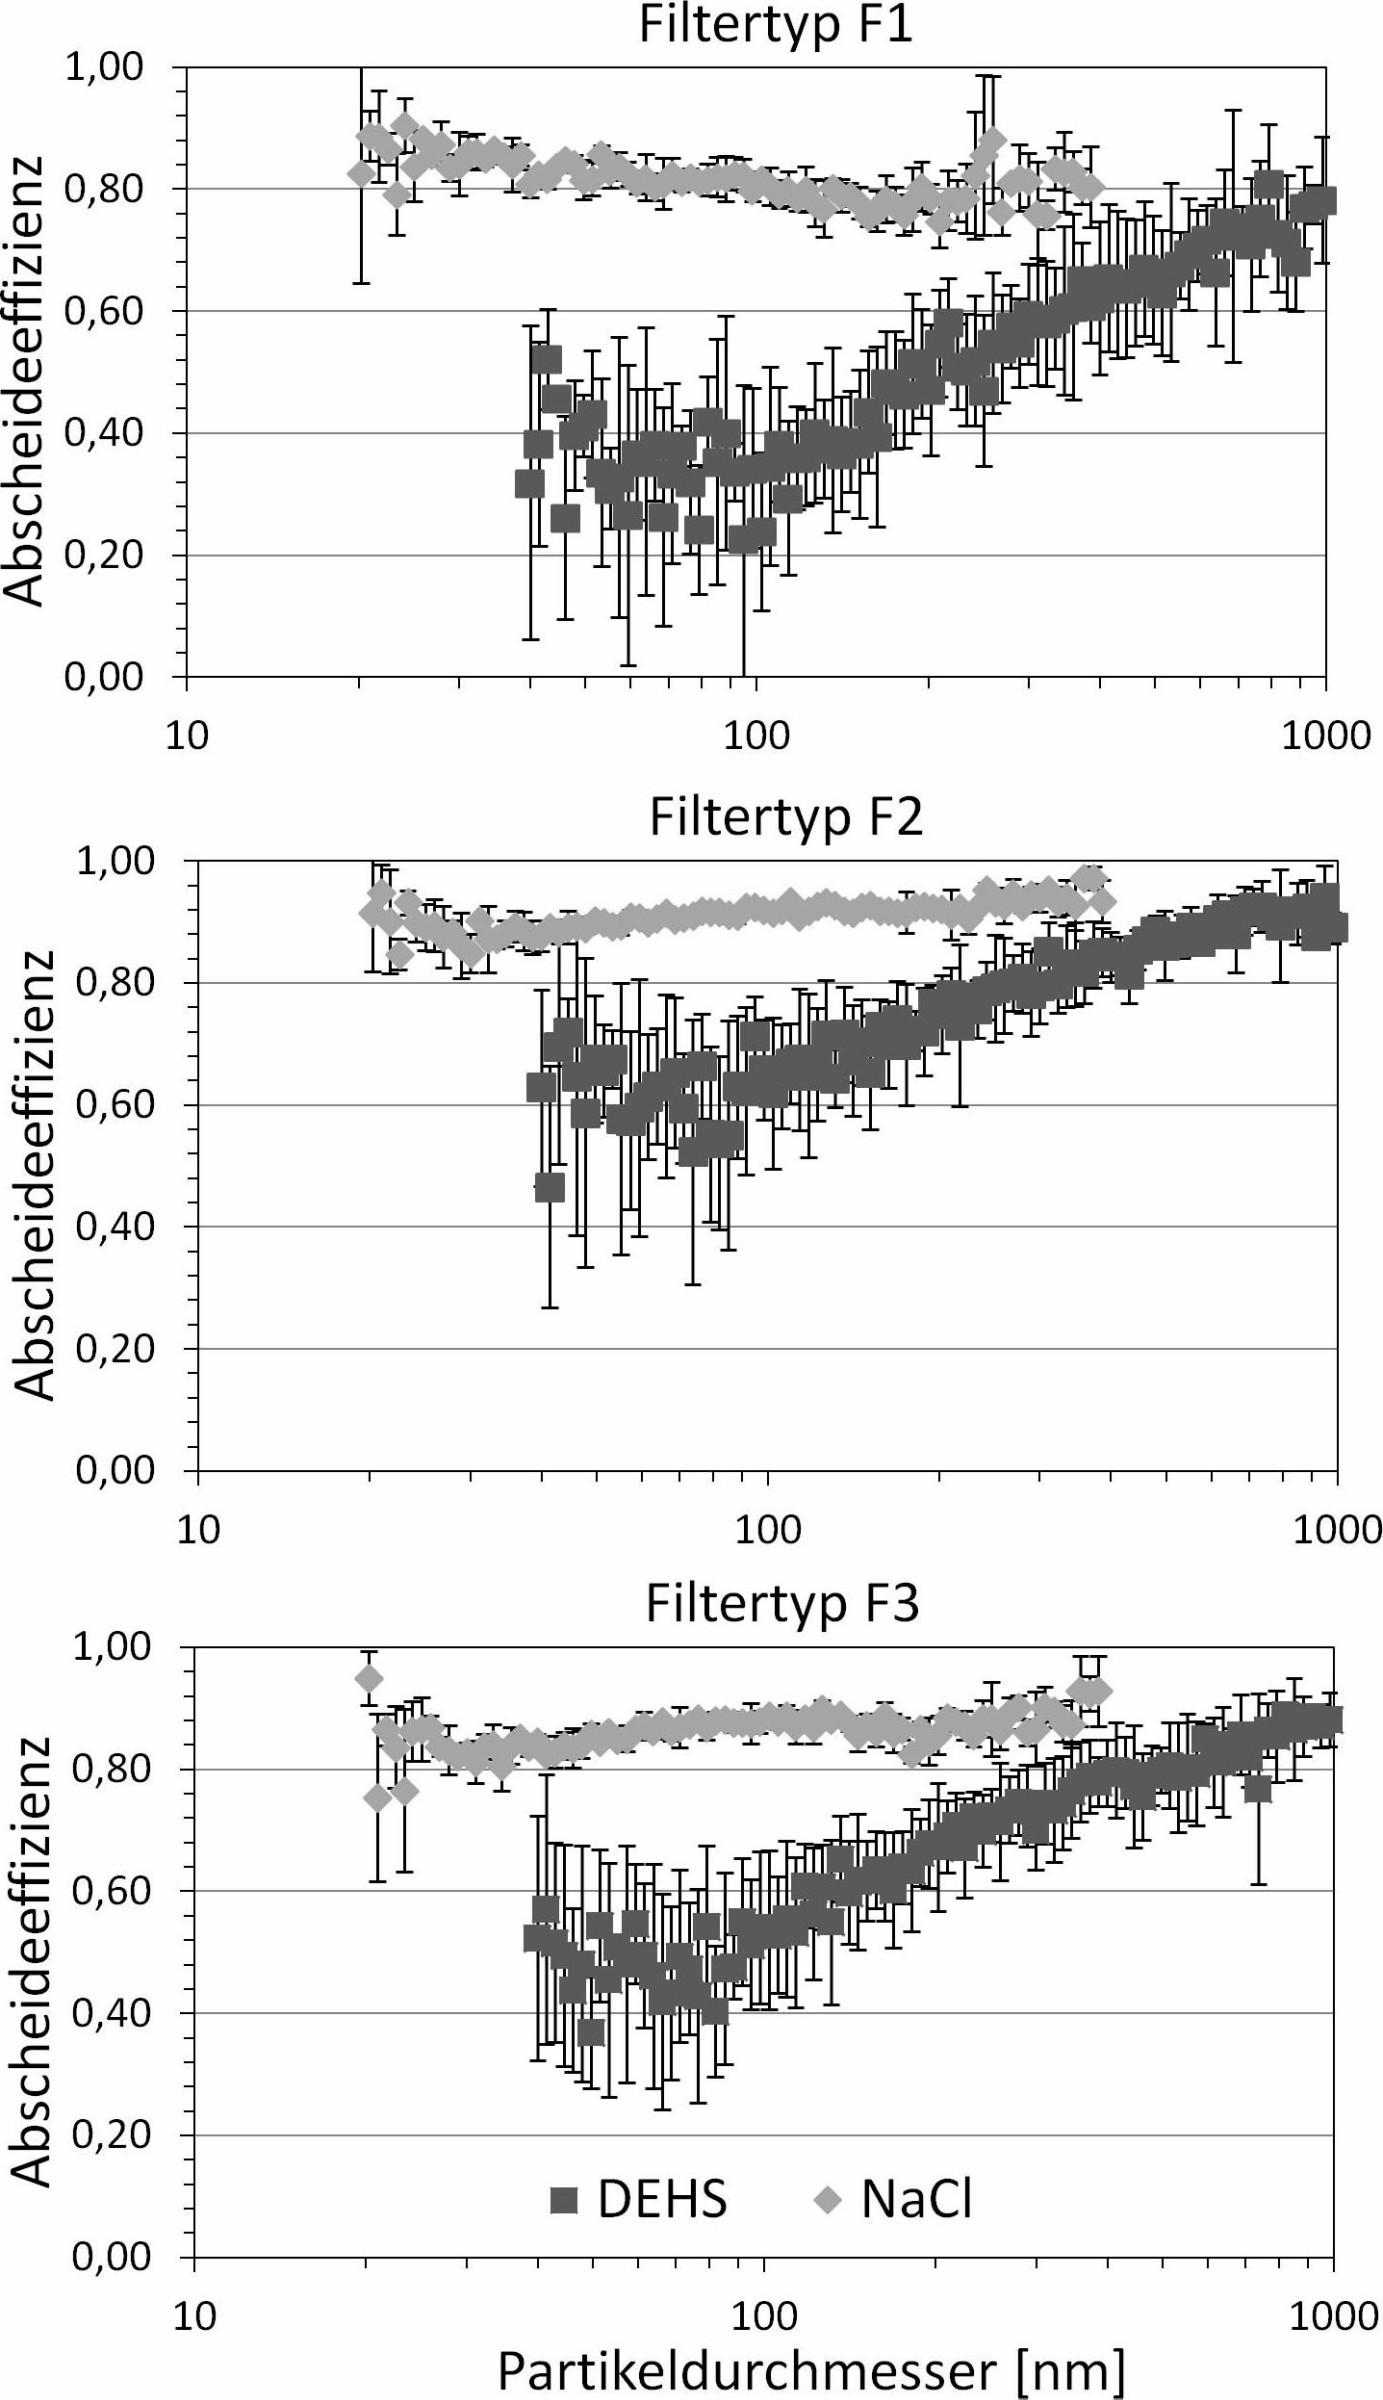 Bild 8. Fraktionsabscheidegrade der drei Filtertypen gemessen mit neutralen DEHS- bzw. NaCl-Partikeln. Quelle: IUTA